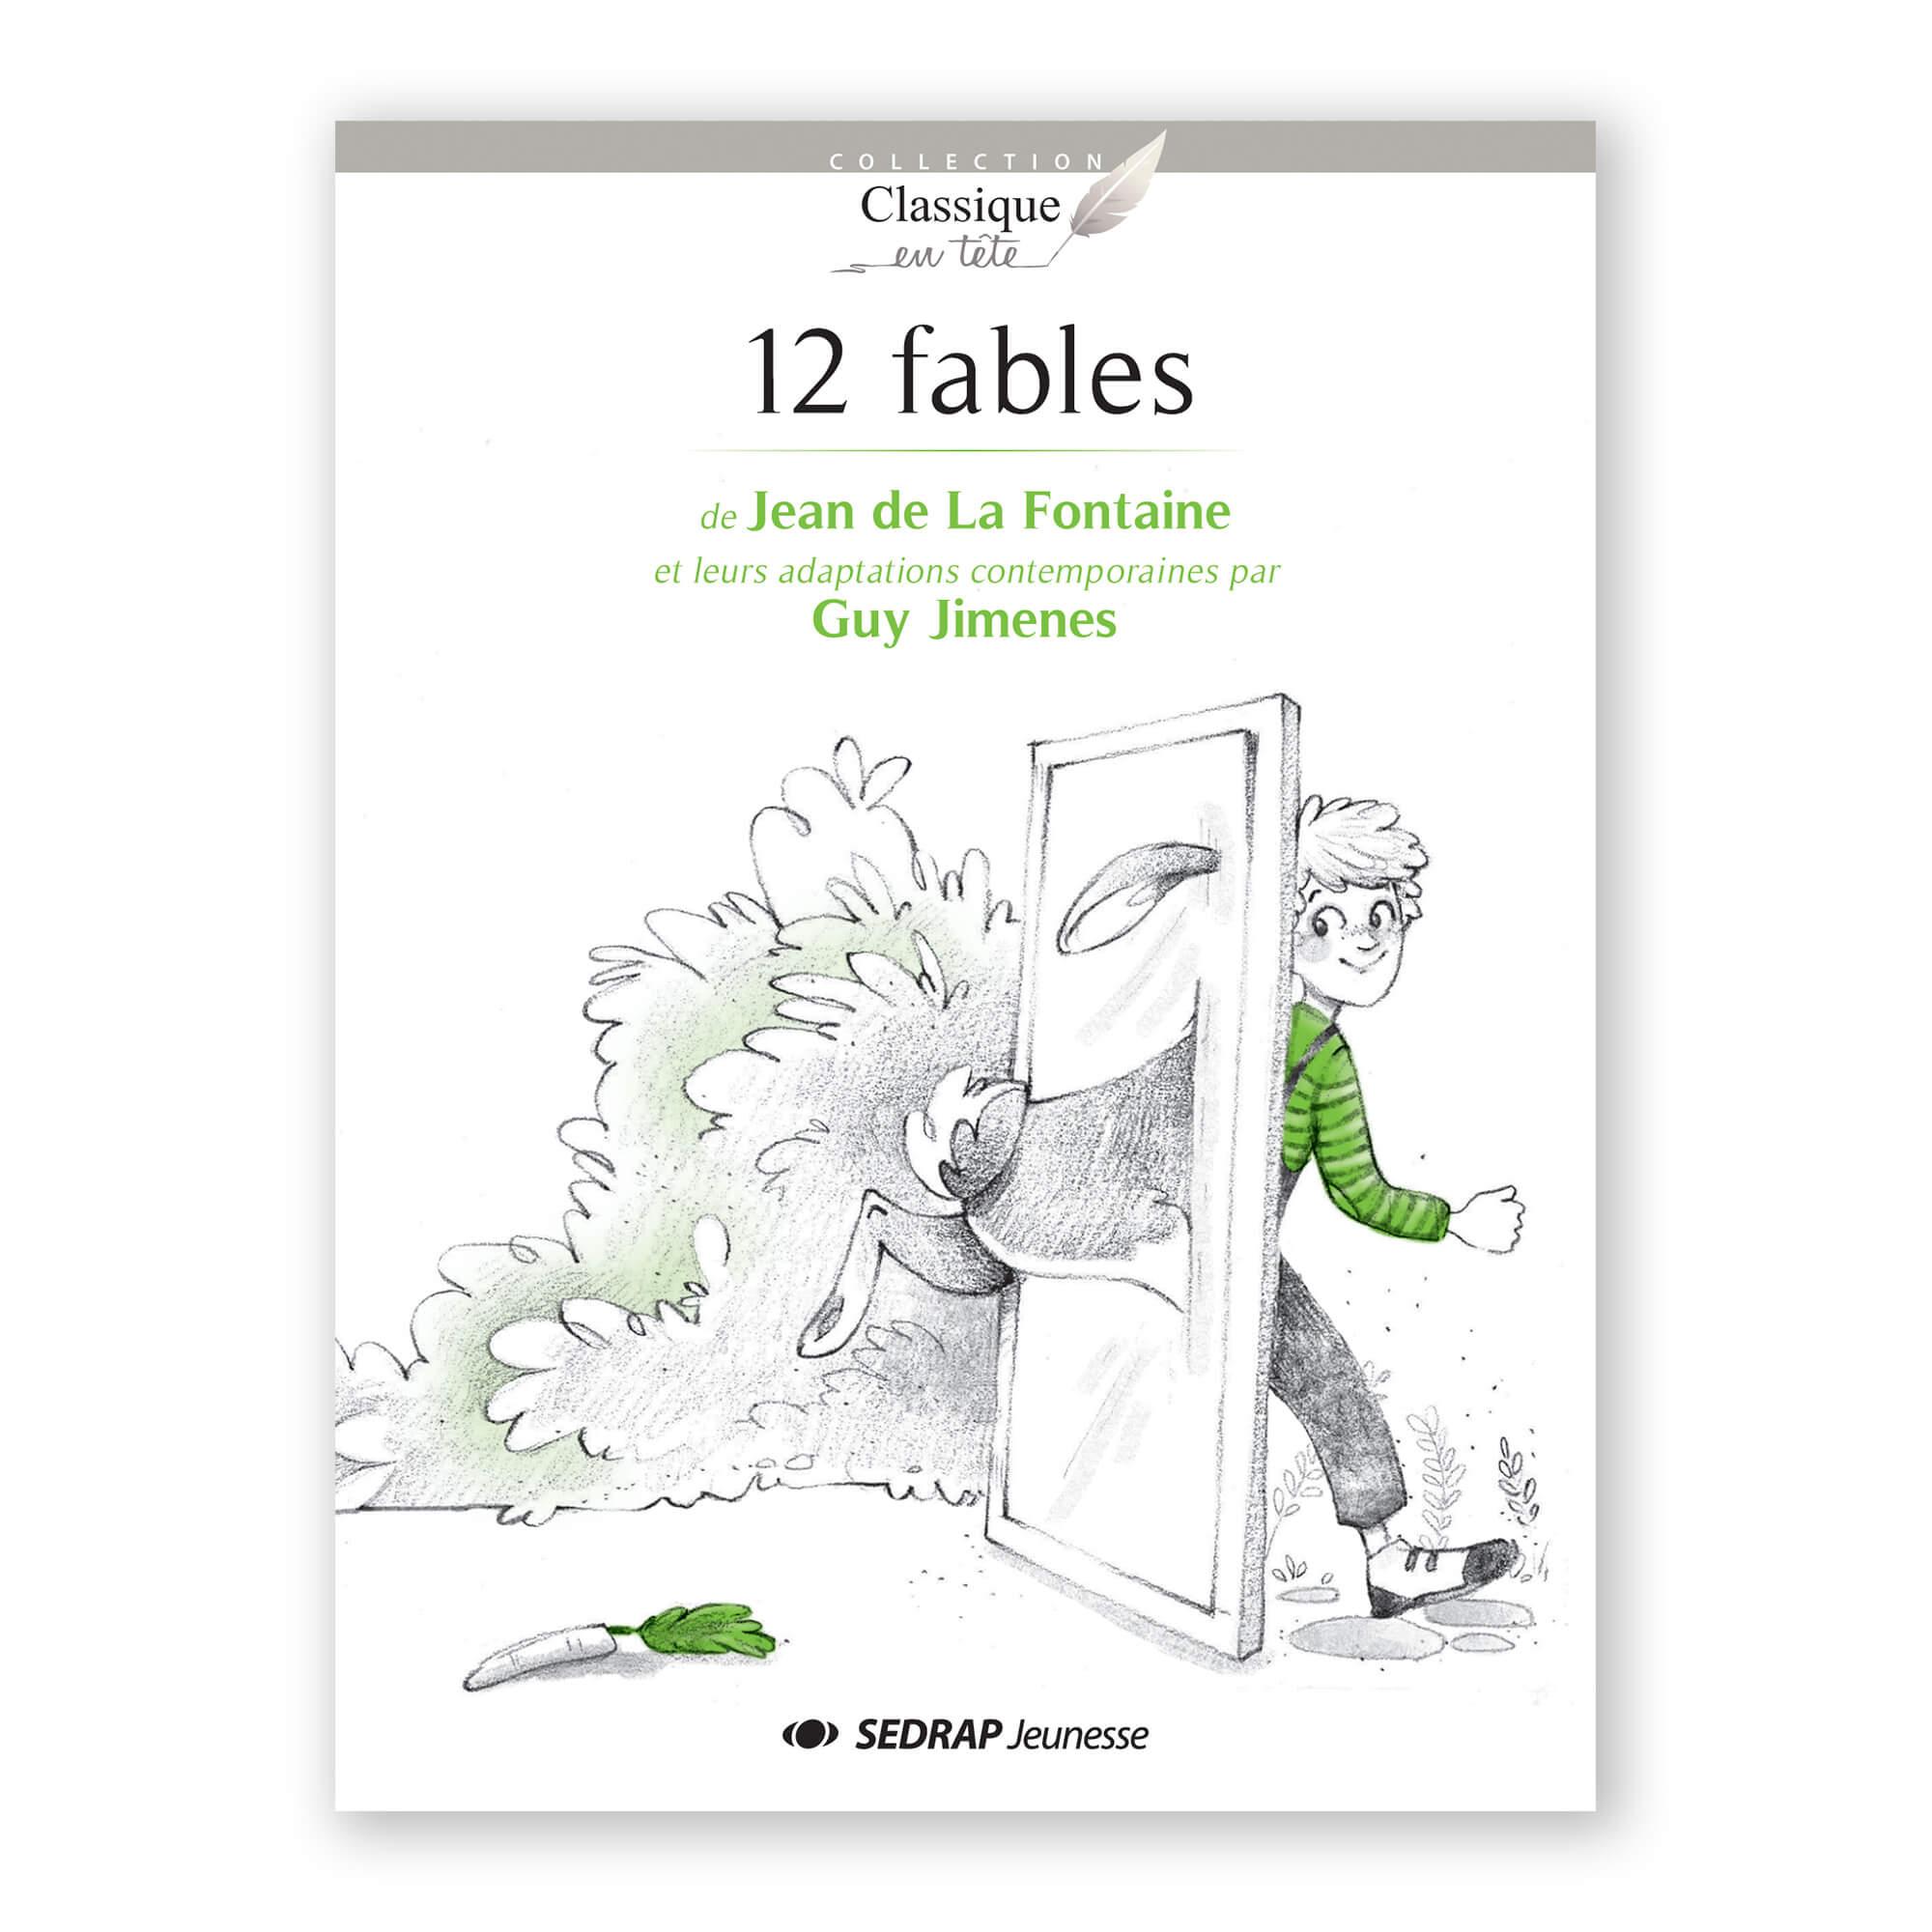 LES 12 FABLES DE LA FONTAINE - LE ROMAN - Sedrap